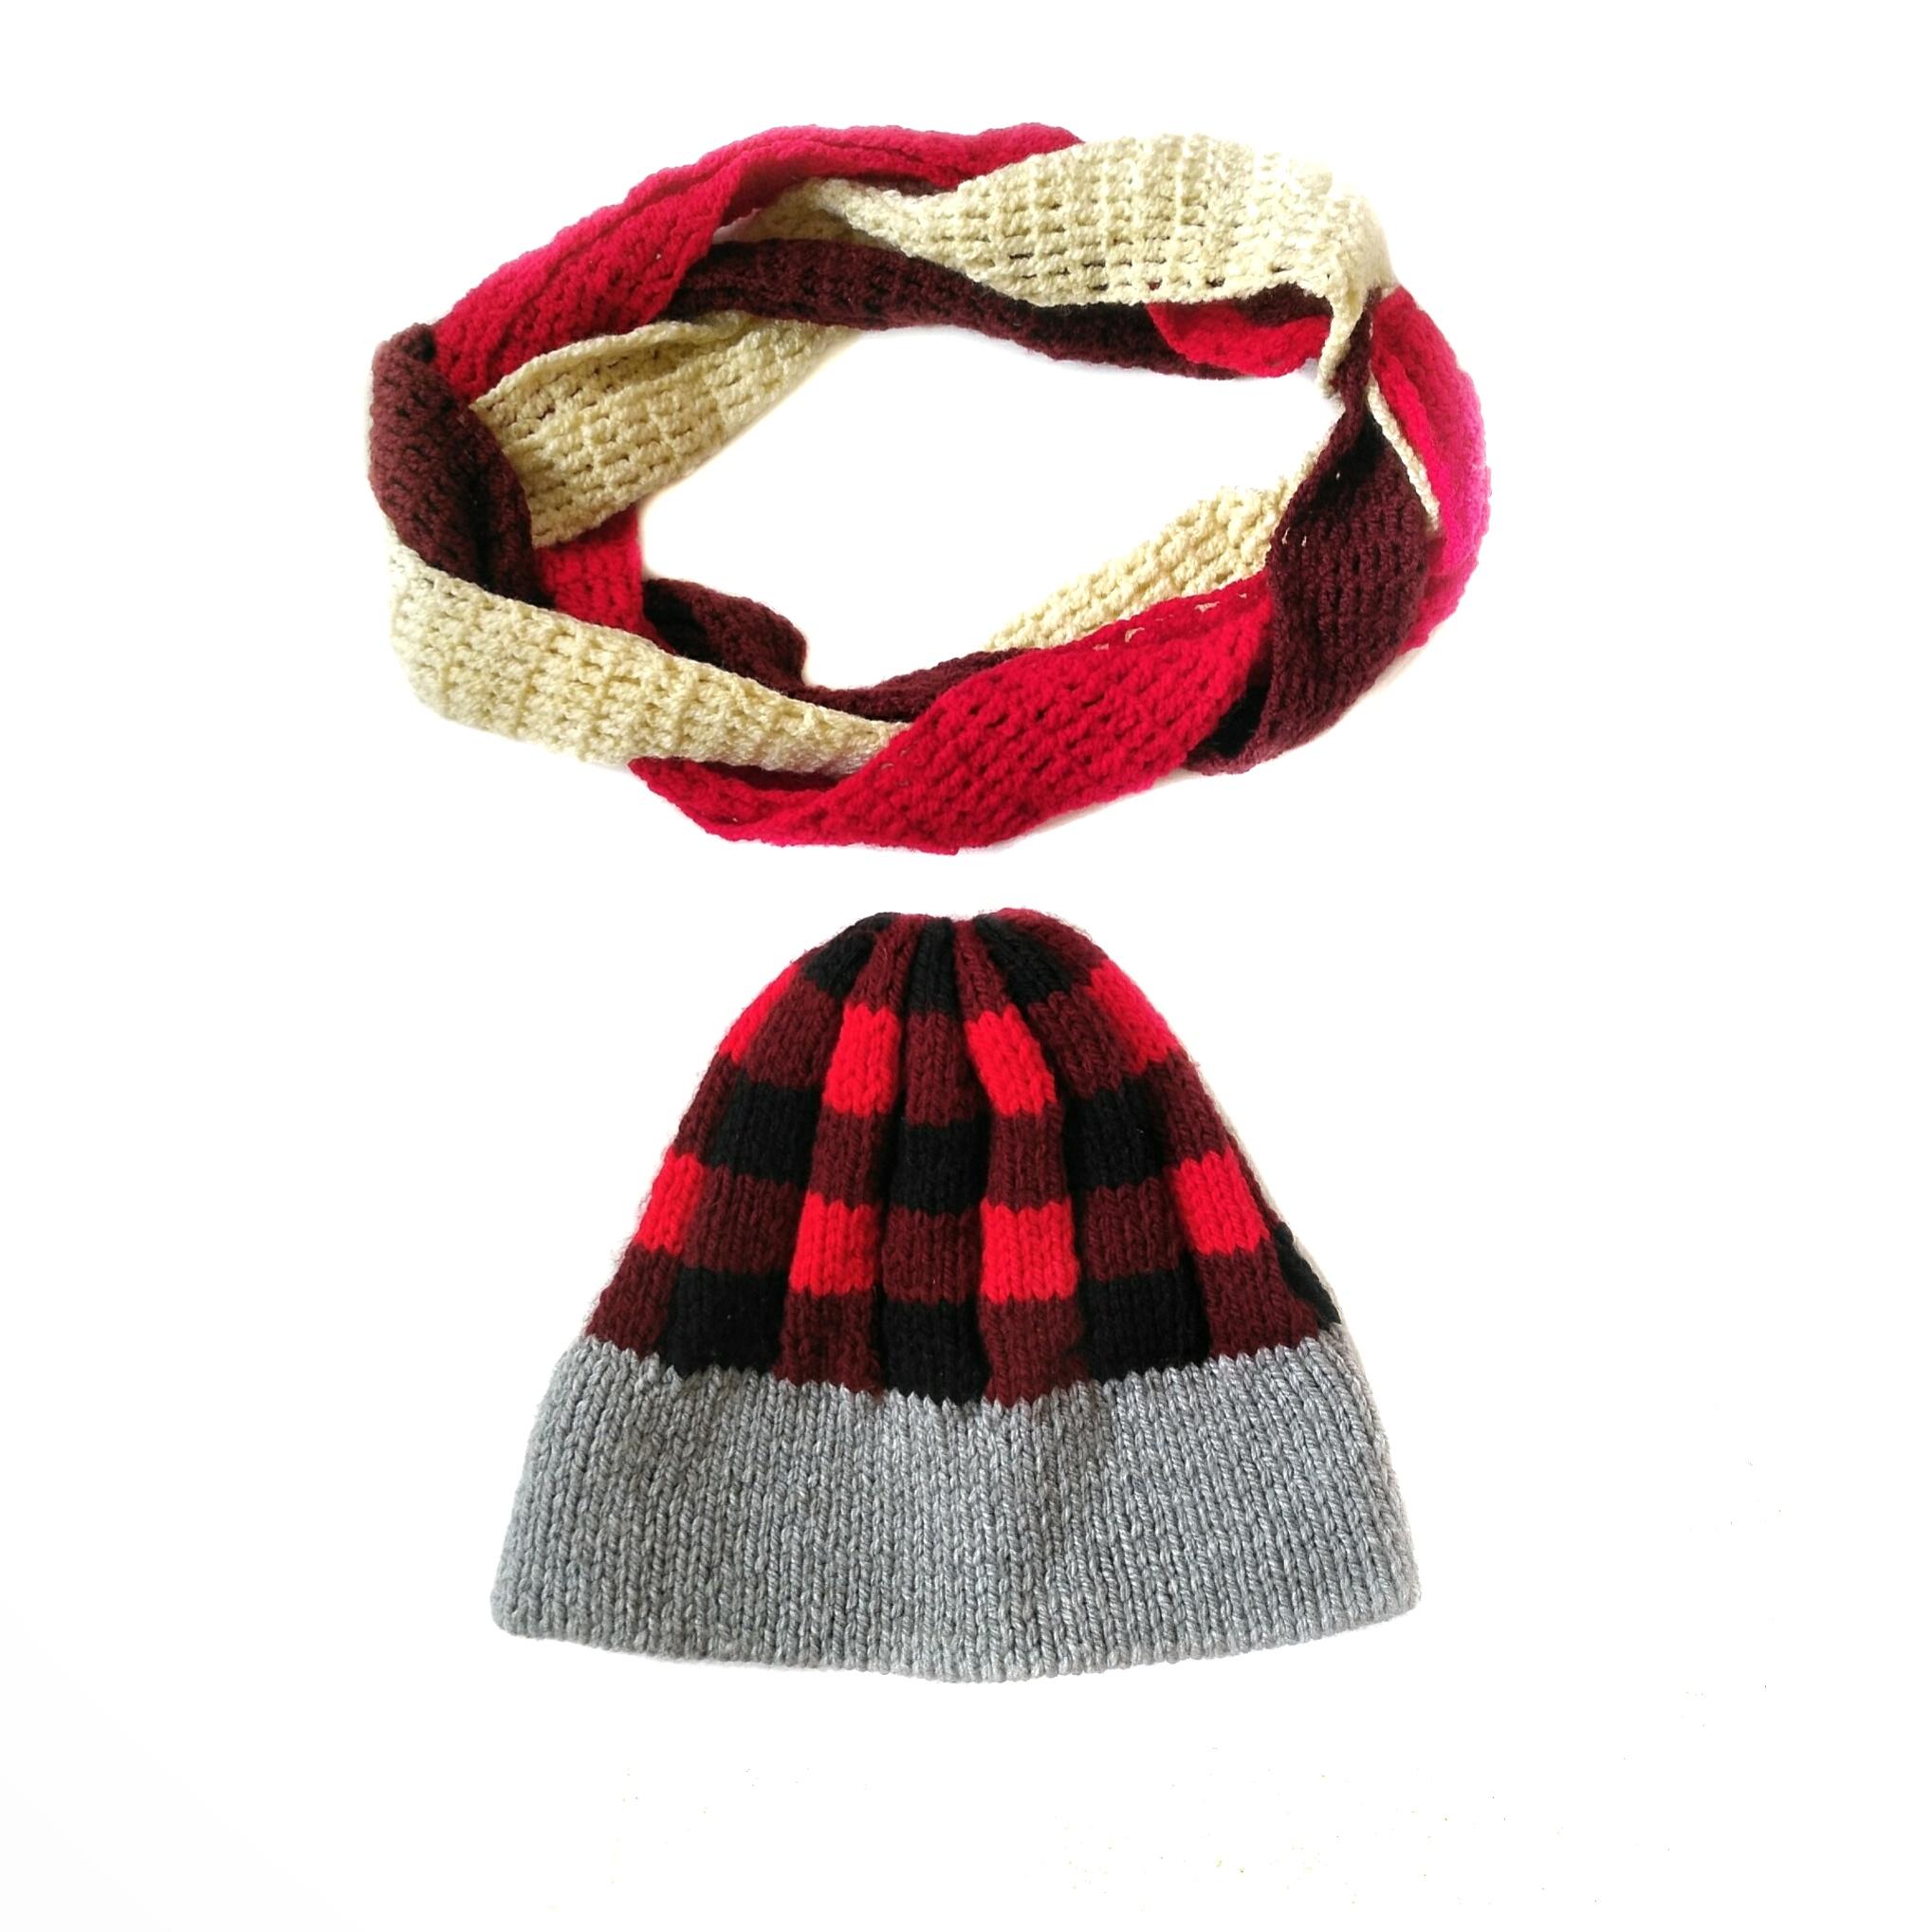 ست کلاه و شال گردن بافتنی زنانه  کد afs024